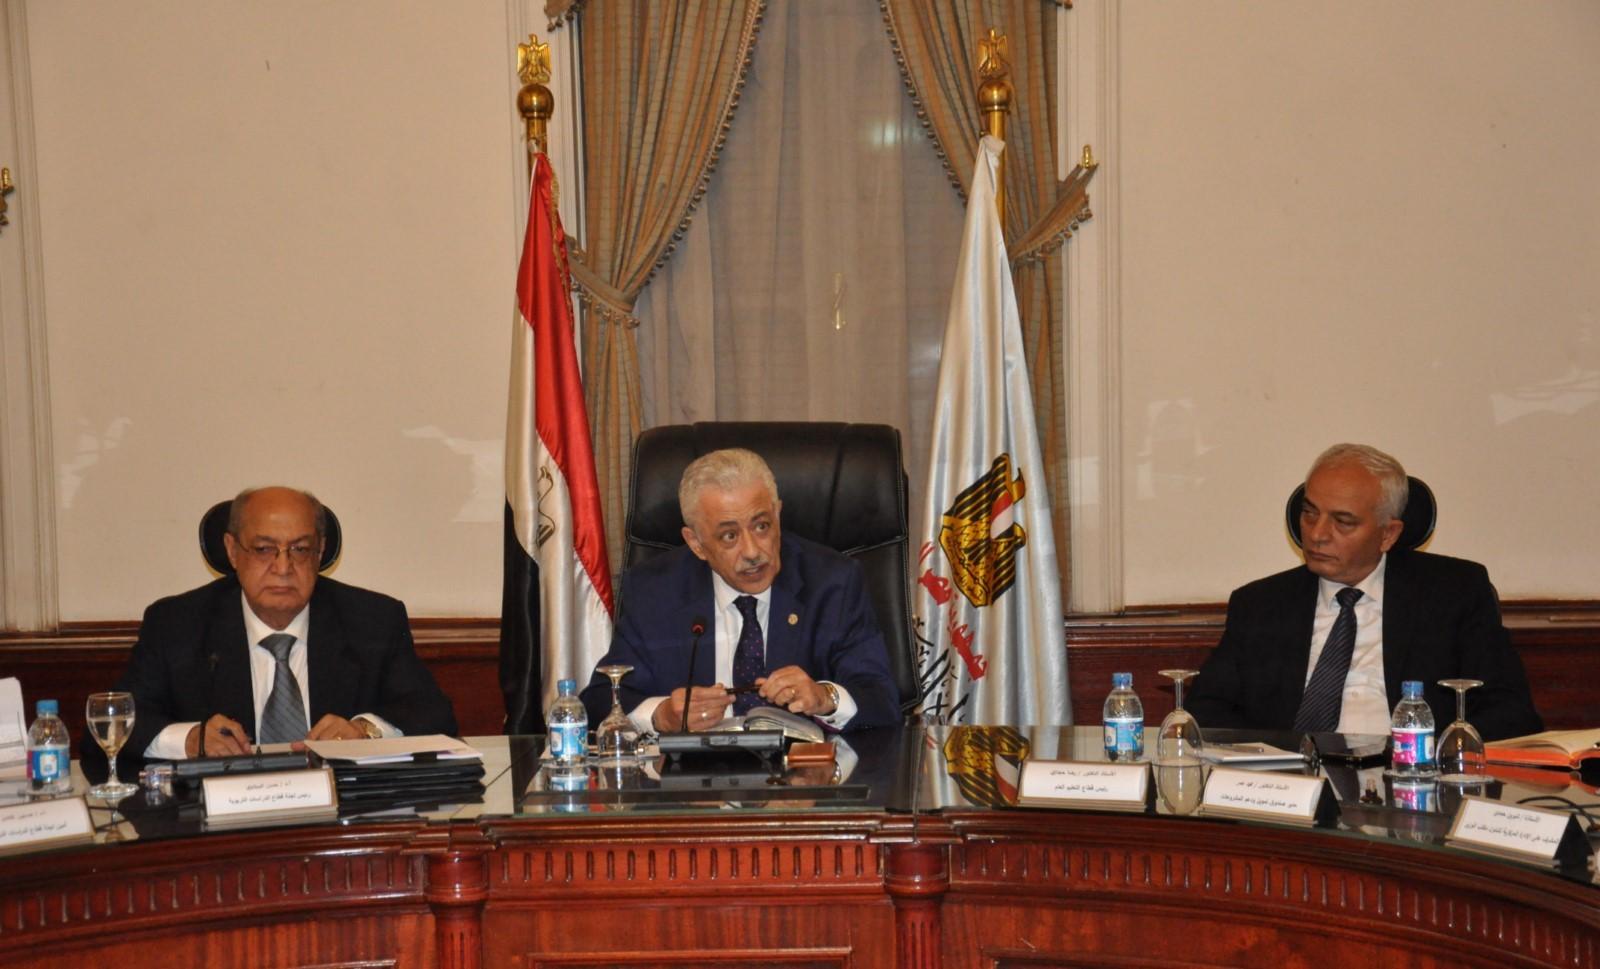 اجتماع قيادات التربية والتعليم مع عمداء الكليات لتطوير التعليم (7)